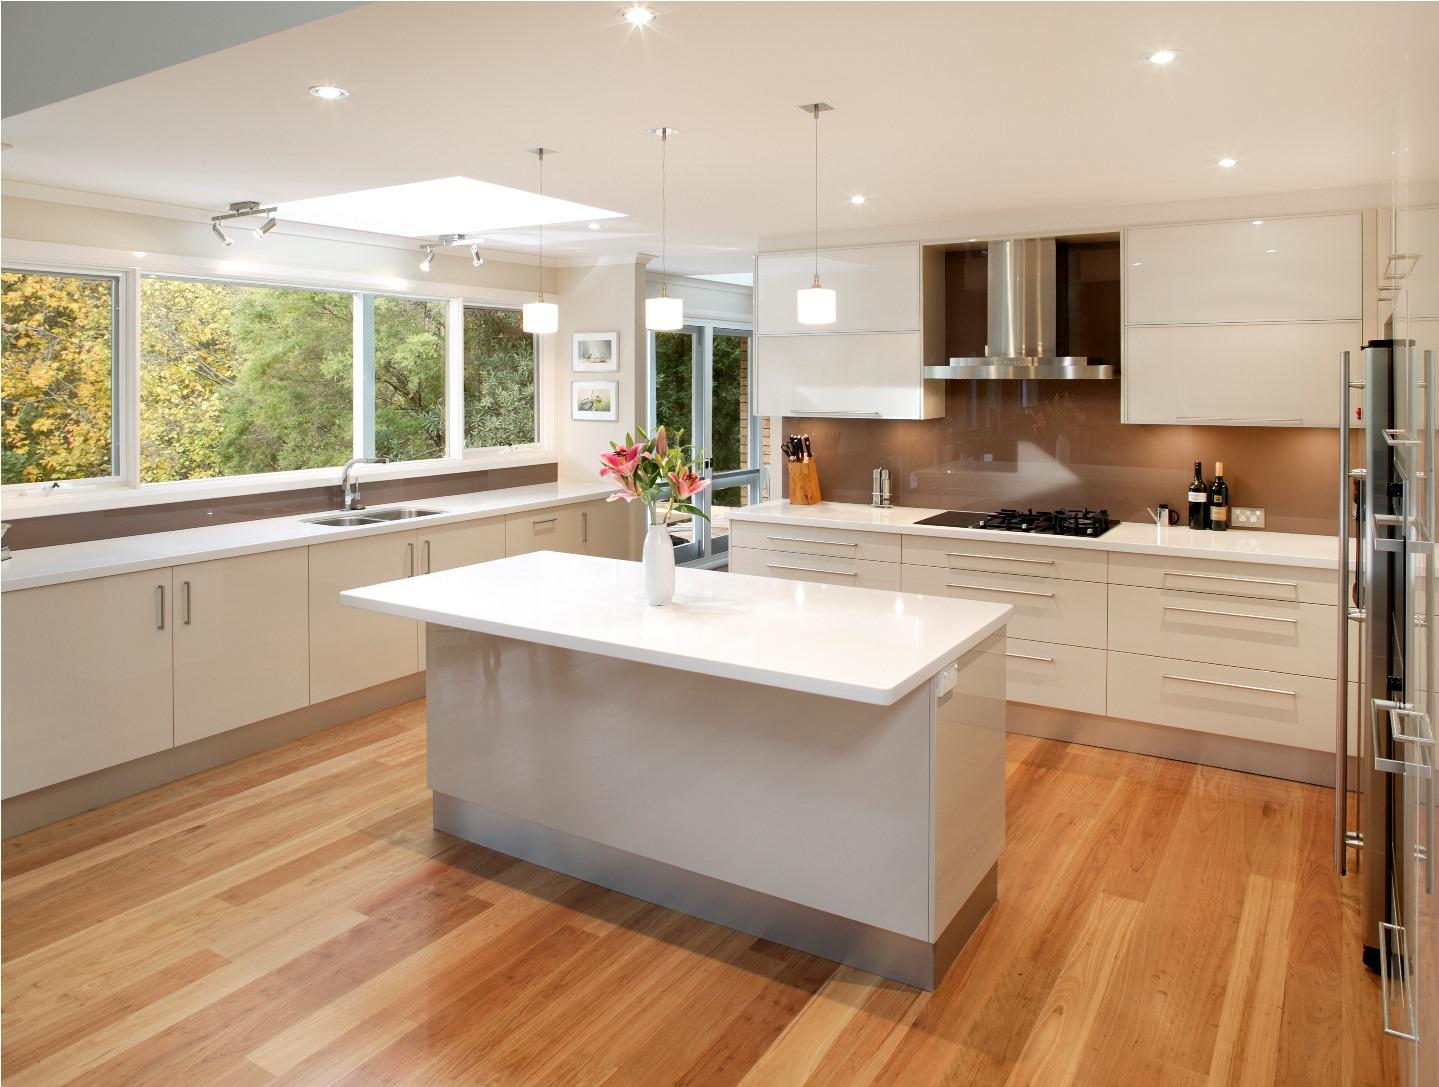 Kitchen Design Photos Gallery gallery – bv kitchens